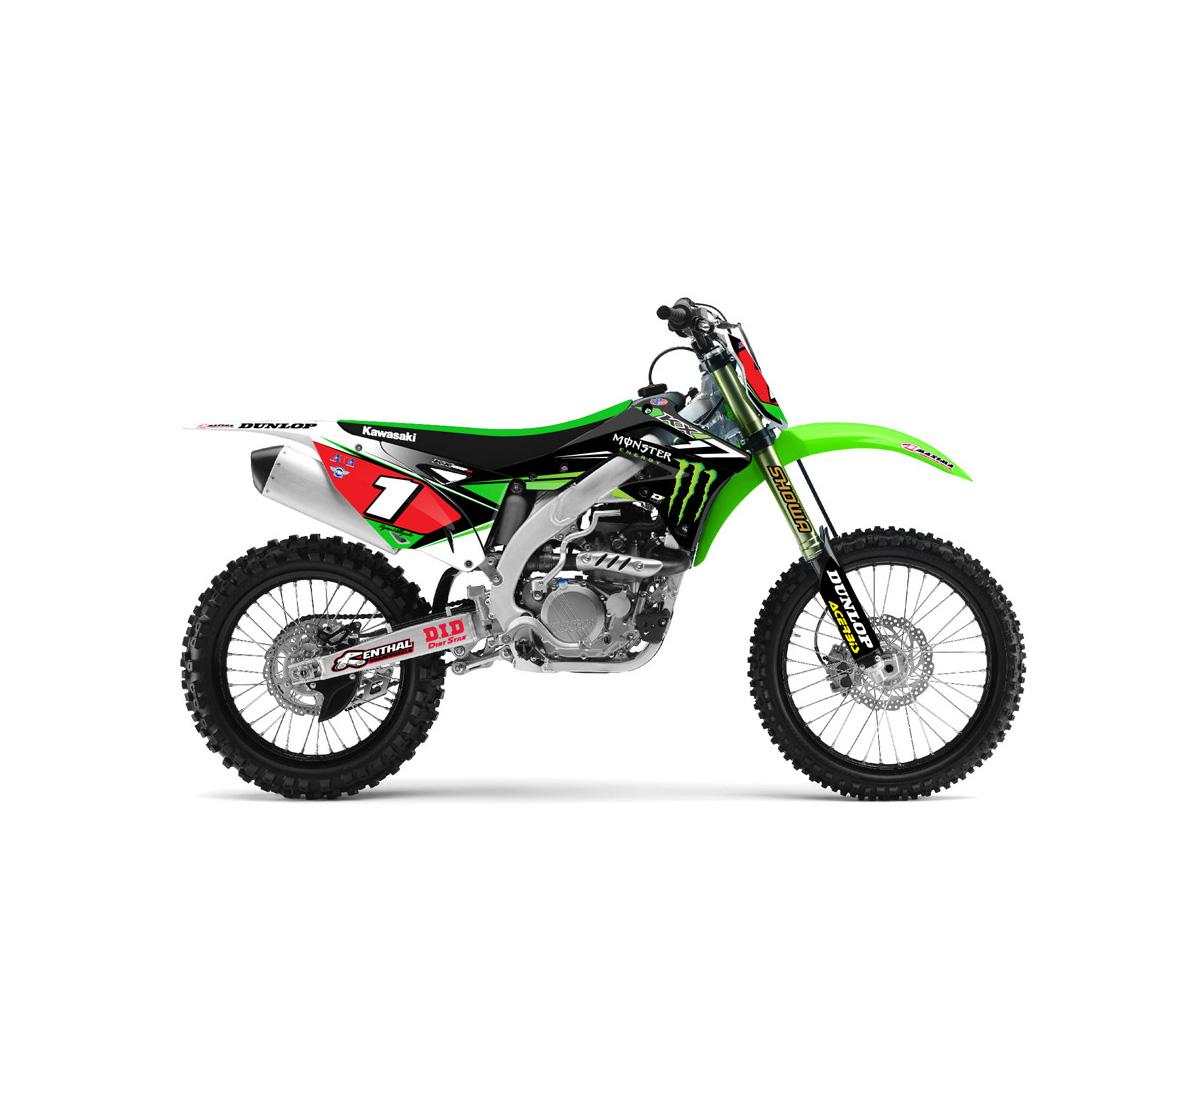 Discount Kawasaki Oem Motorcycle Parts